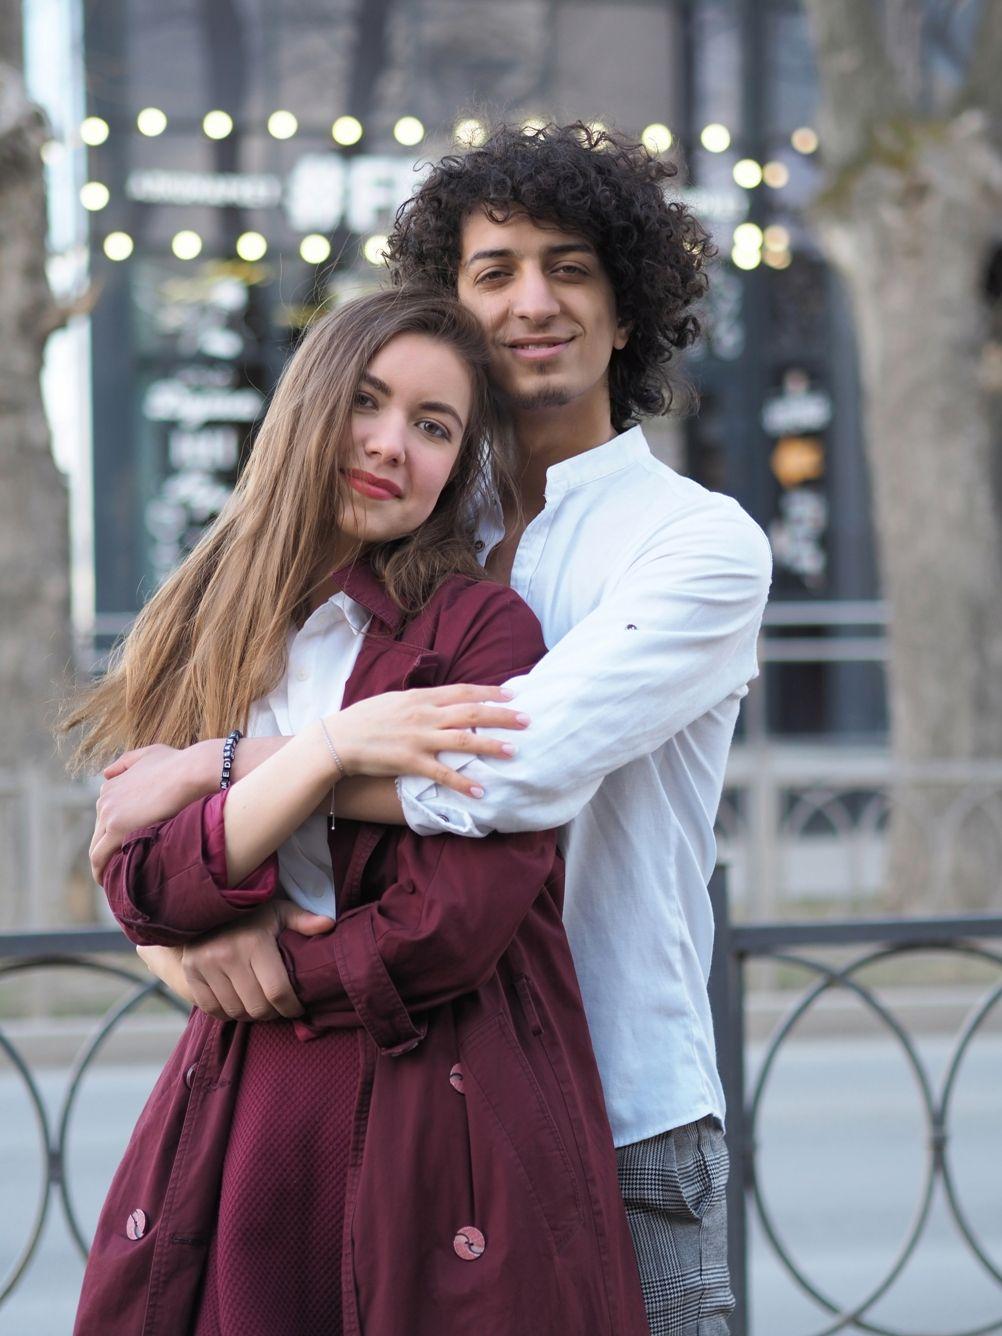 Анастасия и Ахмед Пара лавстори портрет